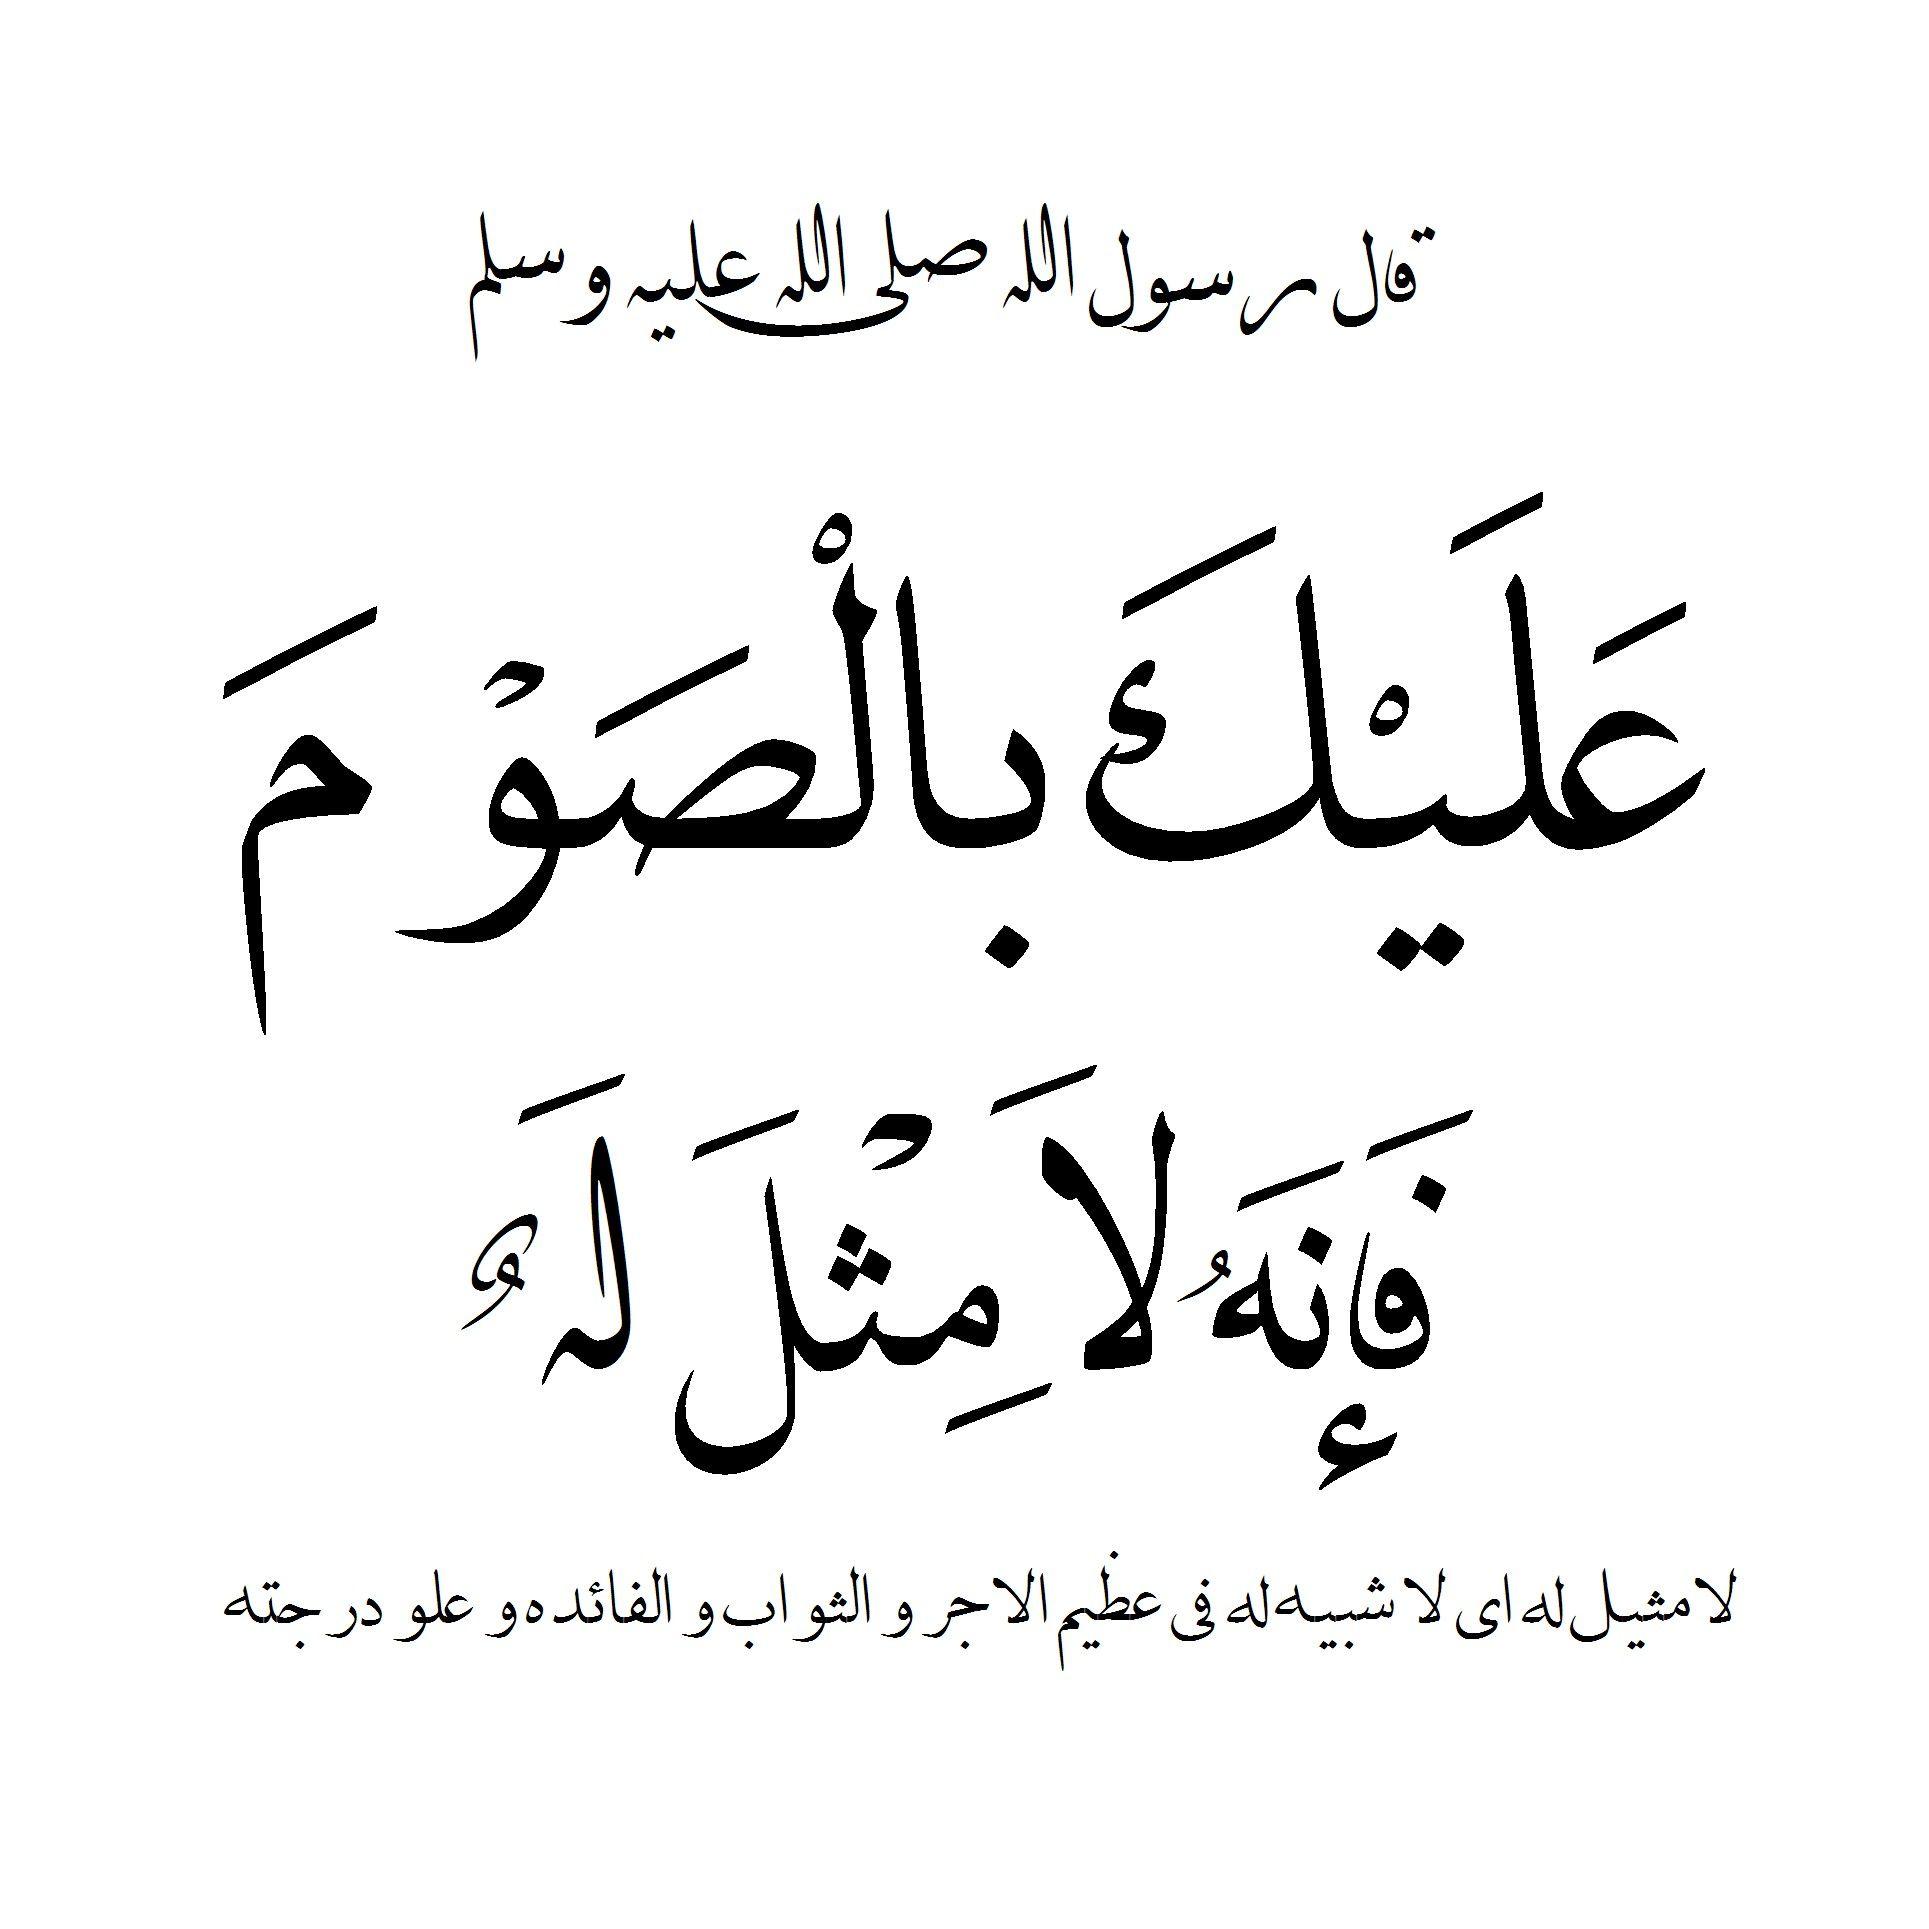 قال رسول الله عليك بالصوم فانة لا مثل له Islamic Quotes Ramadan Quran Verses